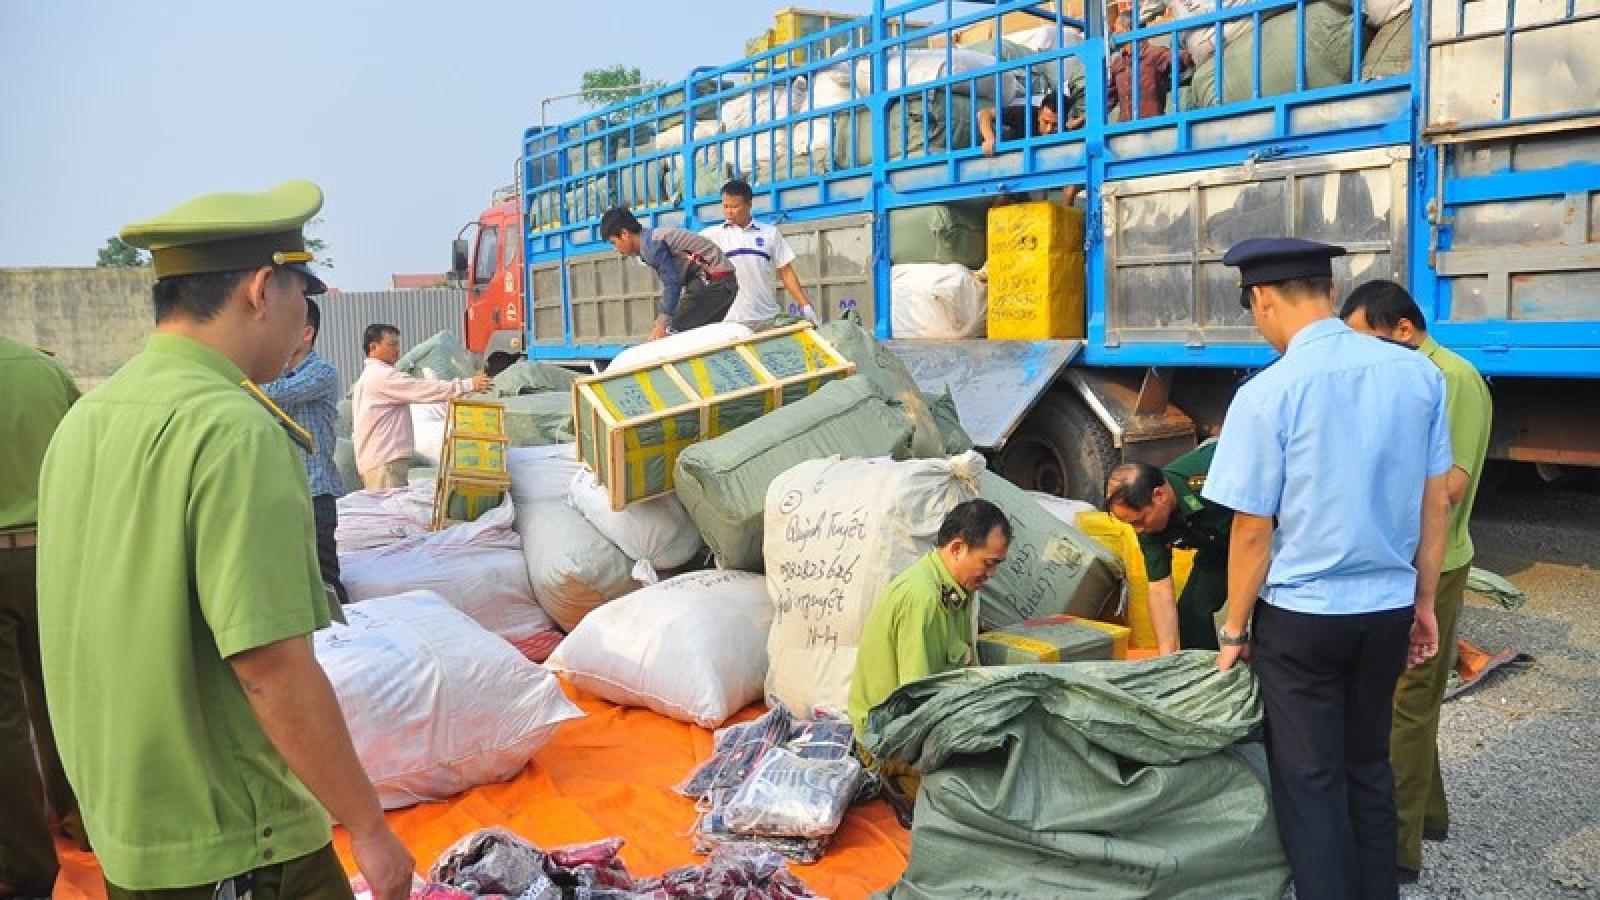 Tăng cường chống buôn lậu nhưng không để tắc hàng dịp cao điểm Tết Tân Sửu 2021